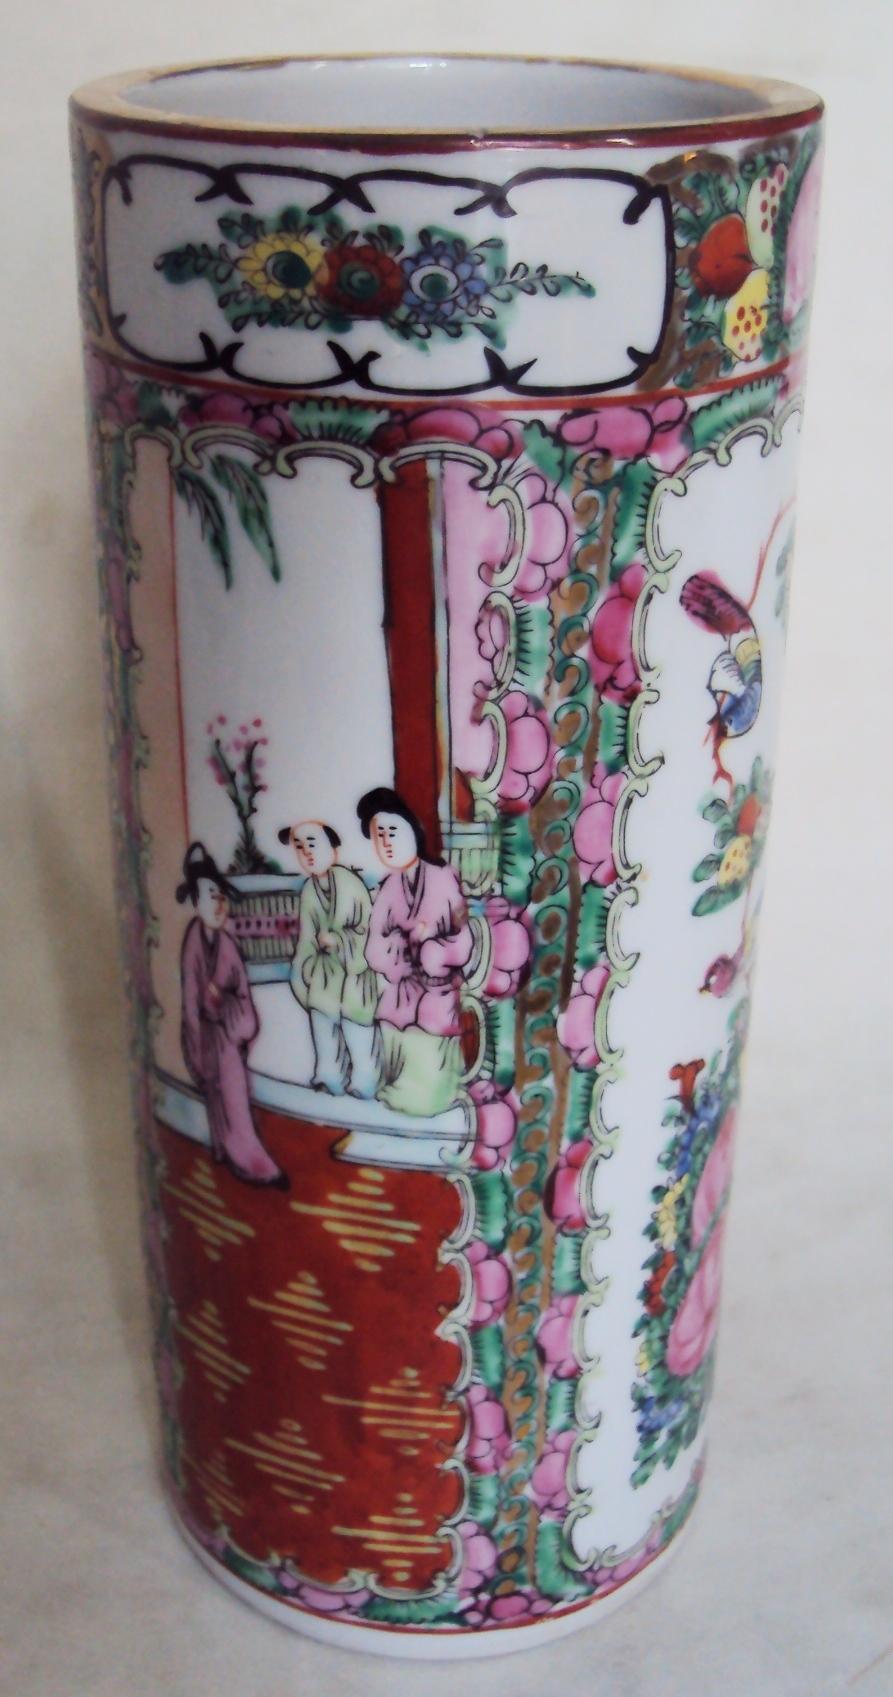 LO 261 – Vaso oriental de porcelana ricamente decorada com pintura à mão de flores, gueixas e pássaros